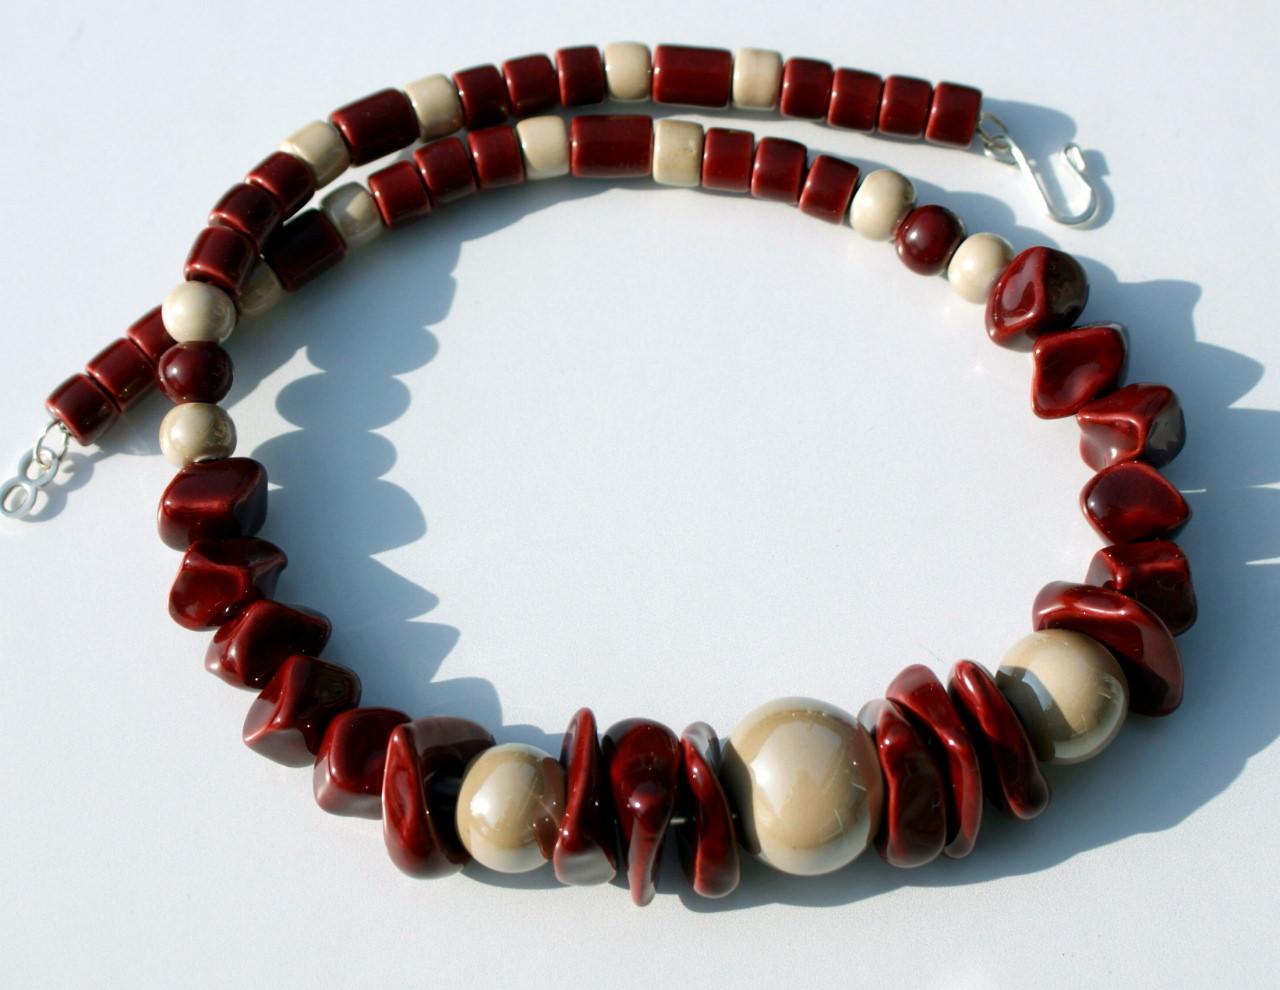 Kleinesbild - Collier ROT-SAND griechische Keramik Leder opulent leicht